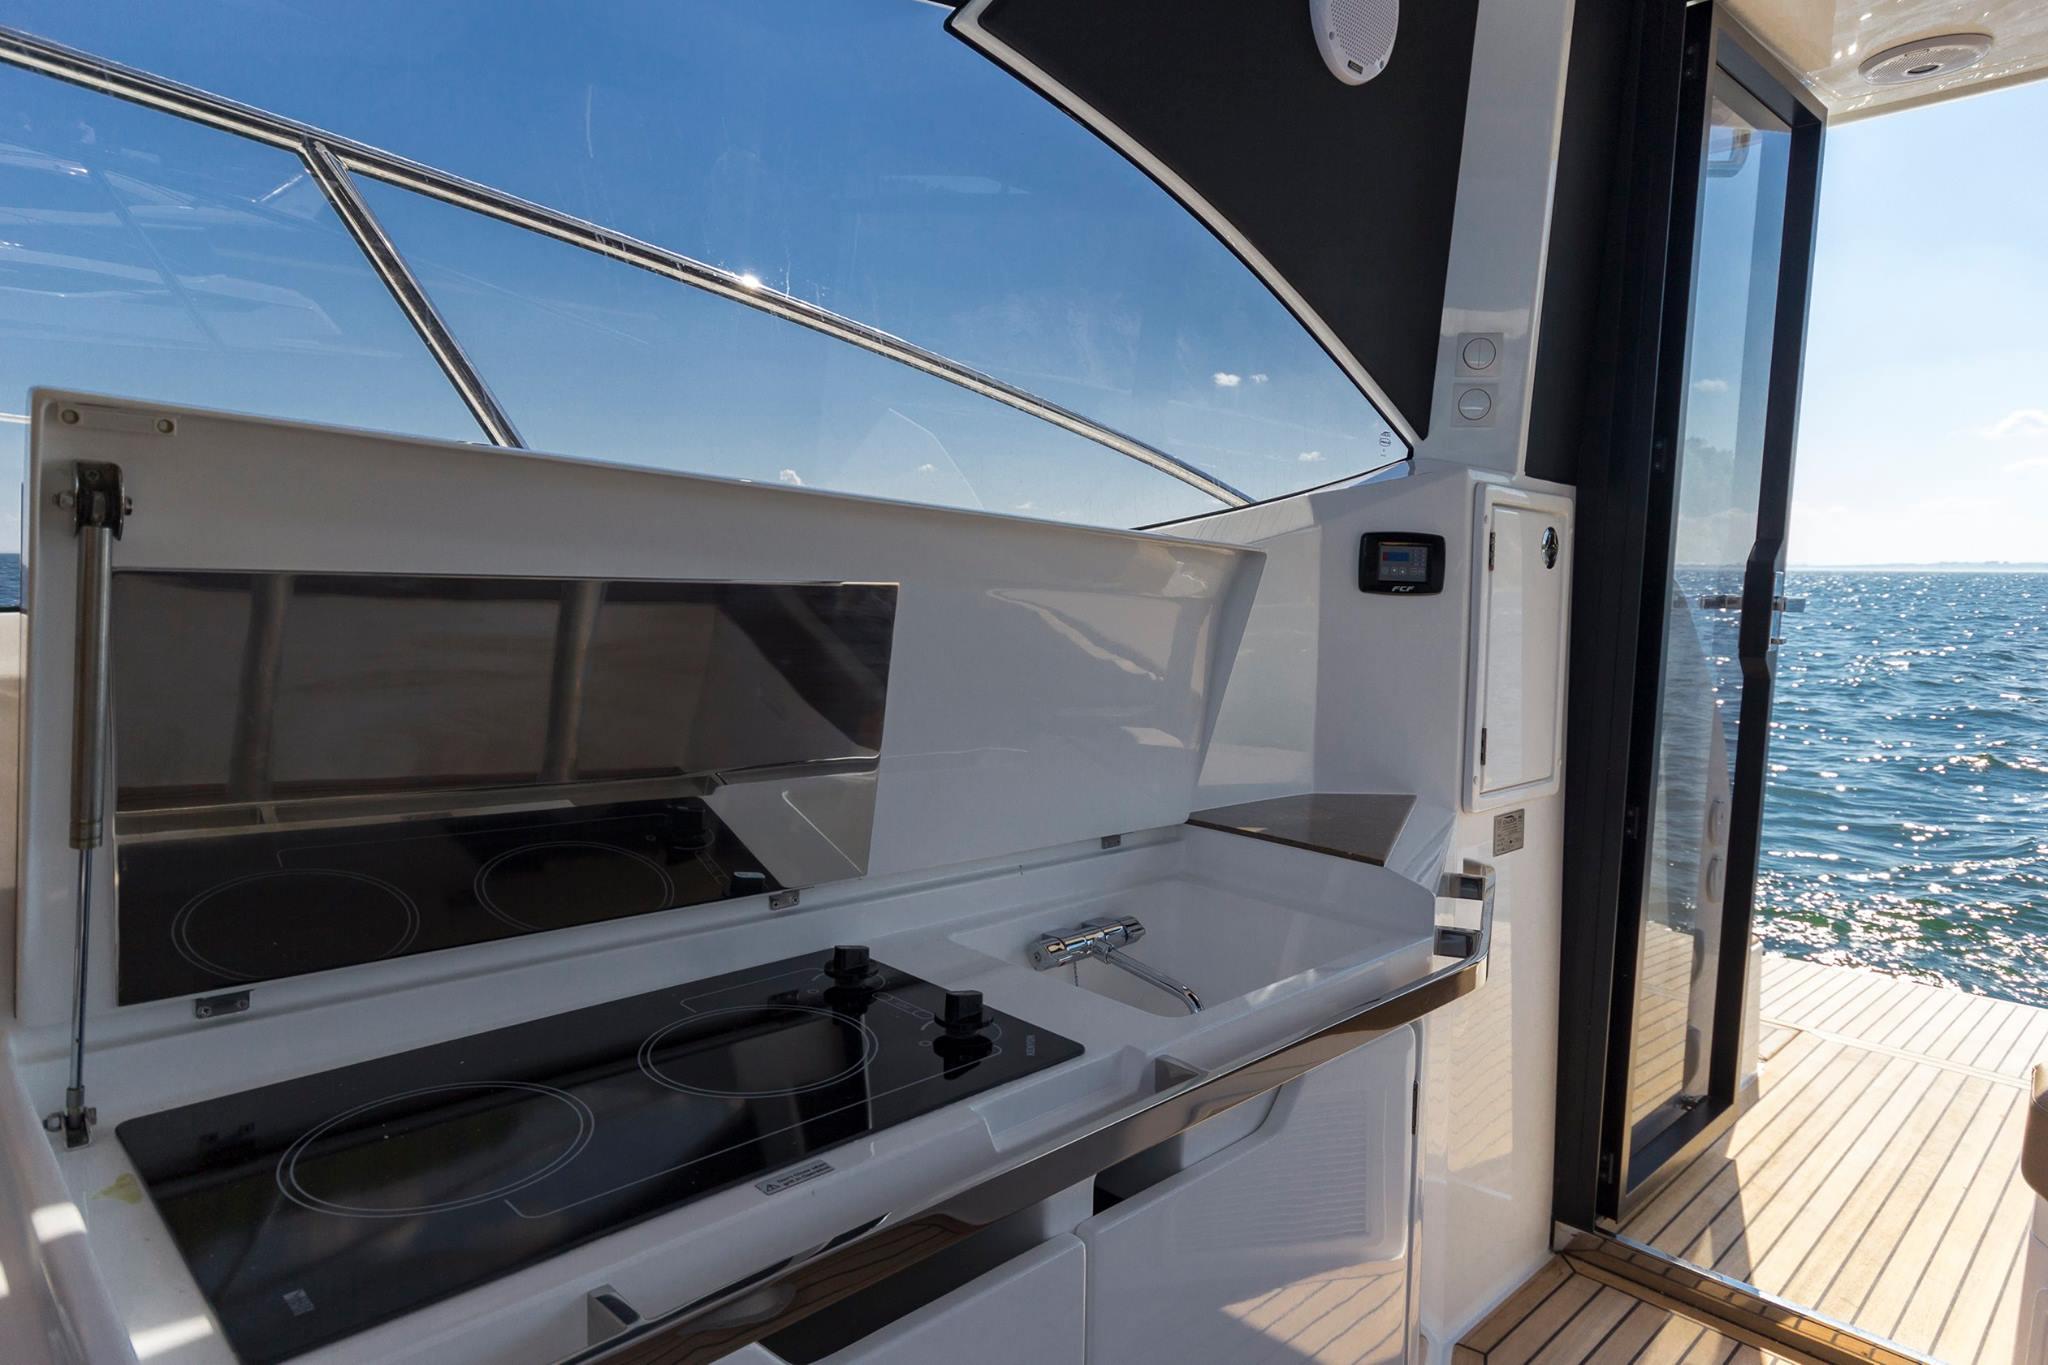 galeon 365 HTS exteriors